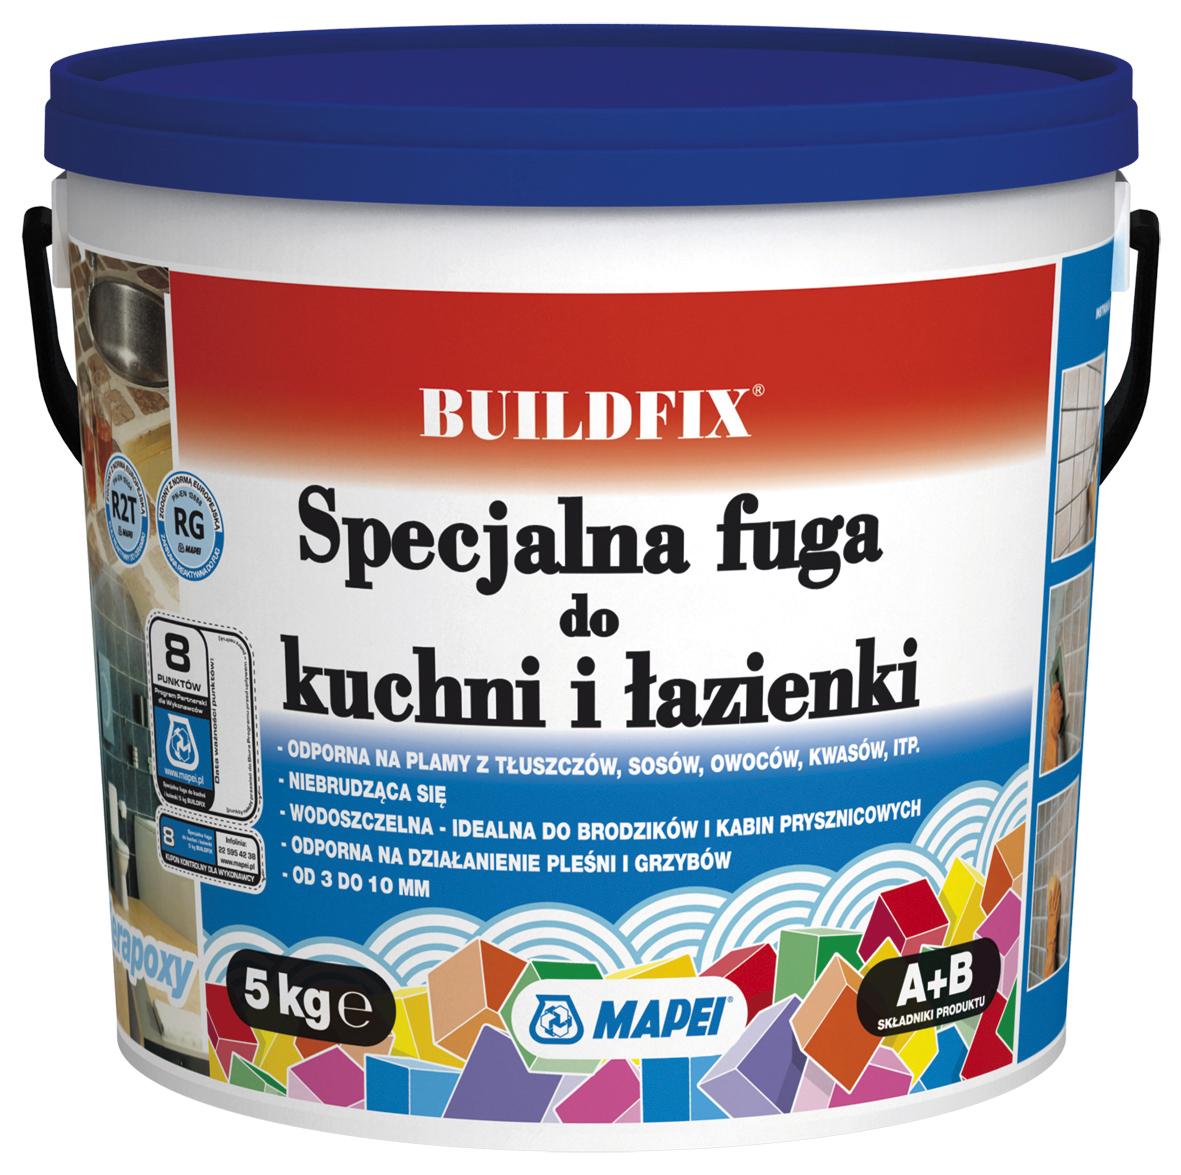 Specjalna Fuga Do Kuchni I łazienki Buildfix Semex